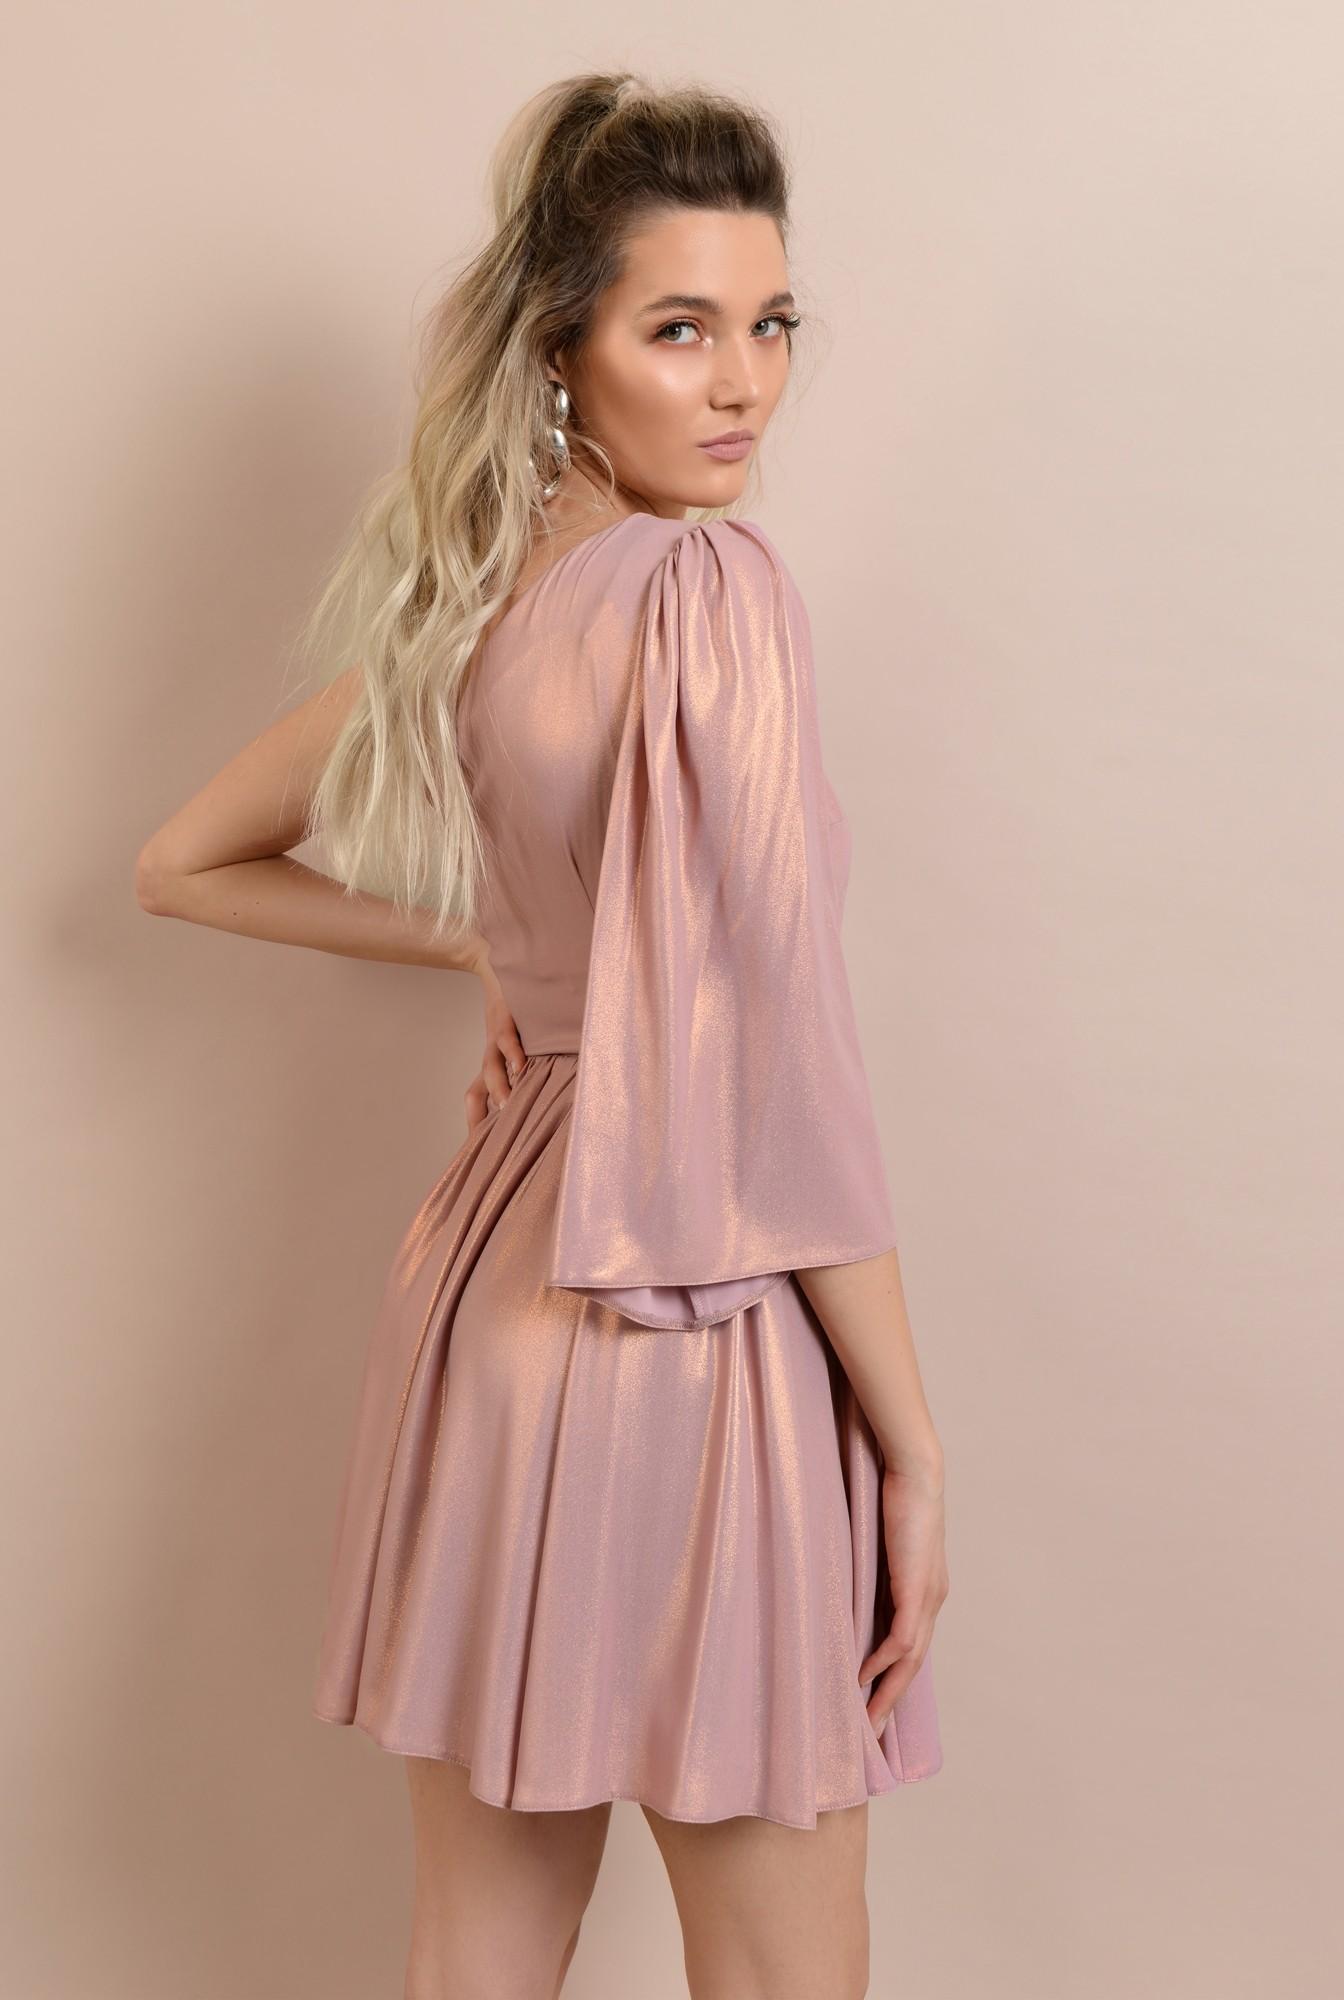 1 -  rochie de ocazie, cu o maneca, decolteu asimetric, clos, catarama decorativa, roz